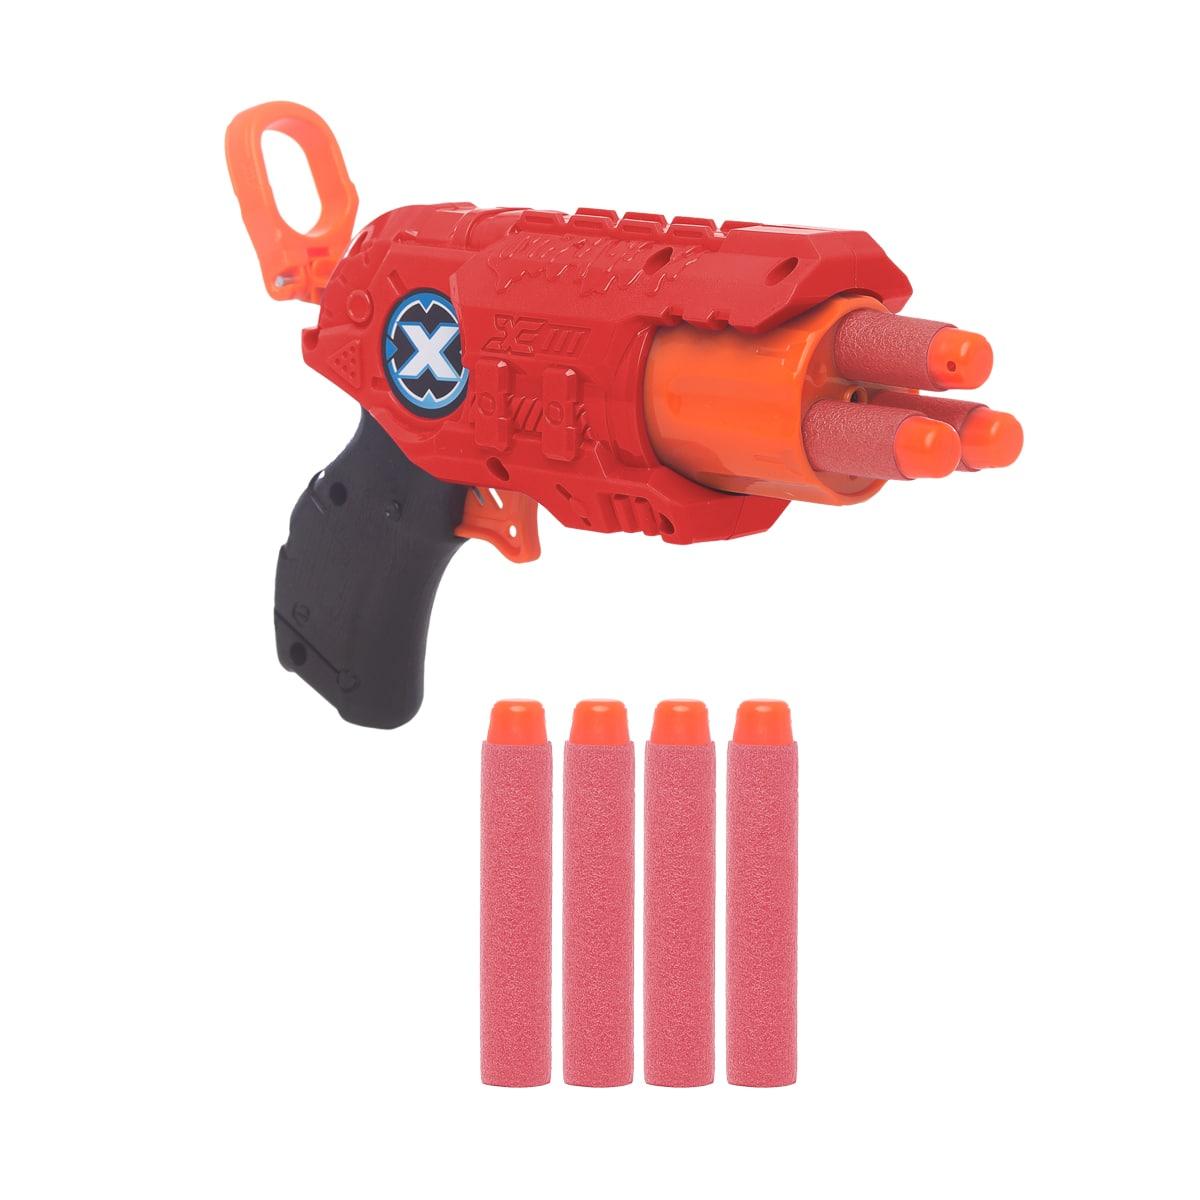 Arma Lançadora de Dardos Tipo Nerf Fit com 4 Dardos Hero Baby Style